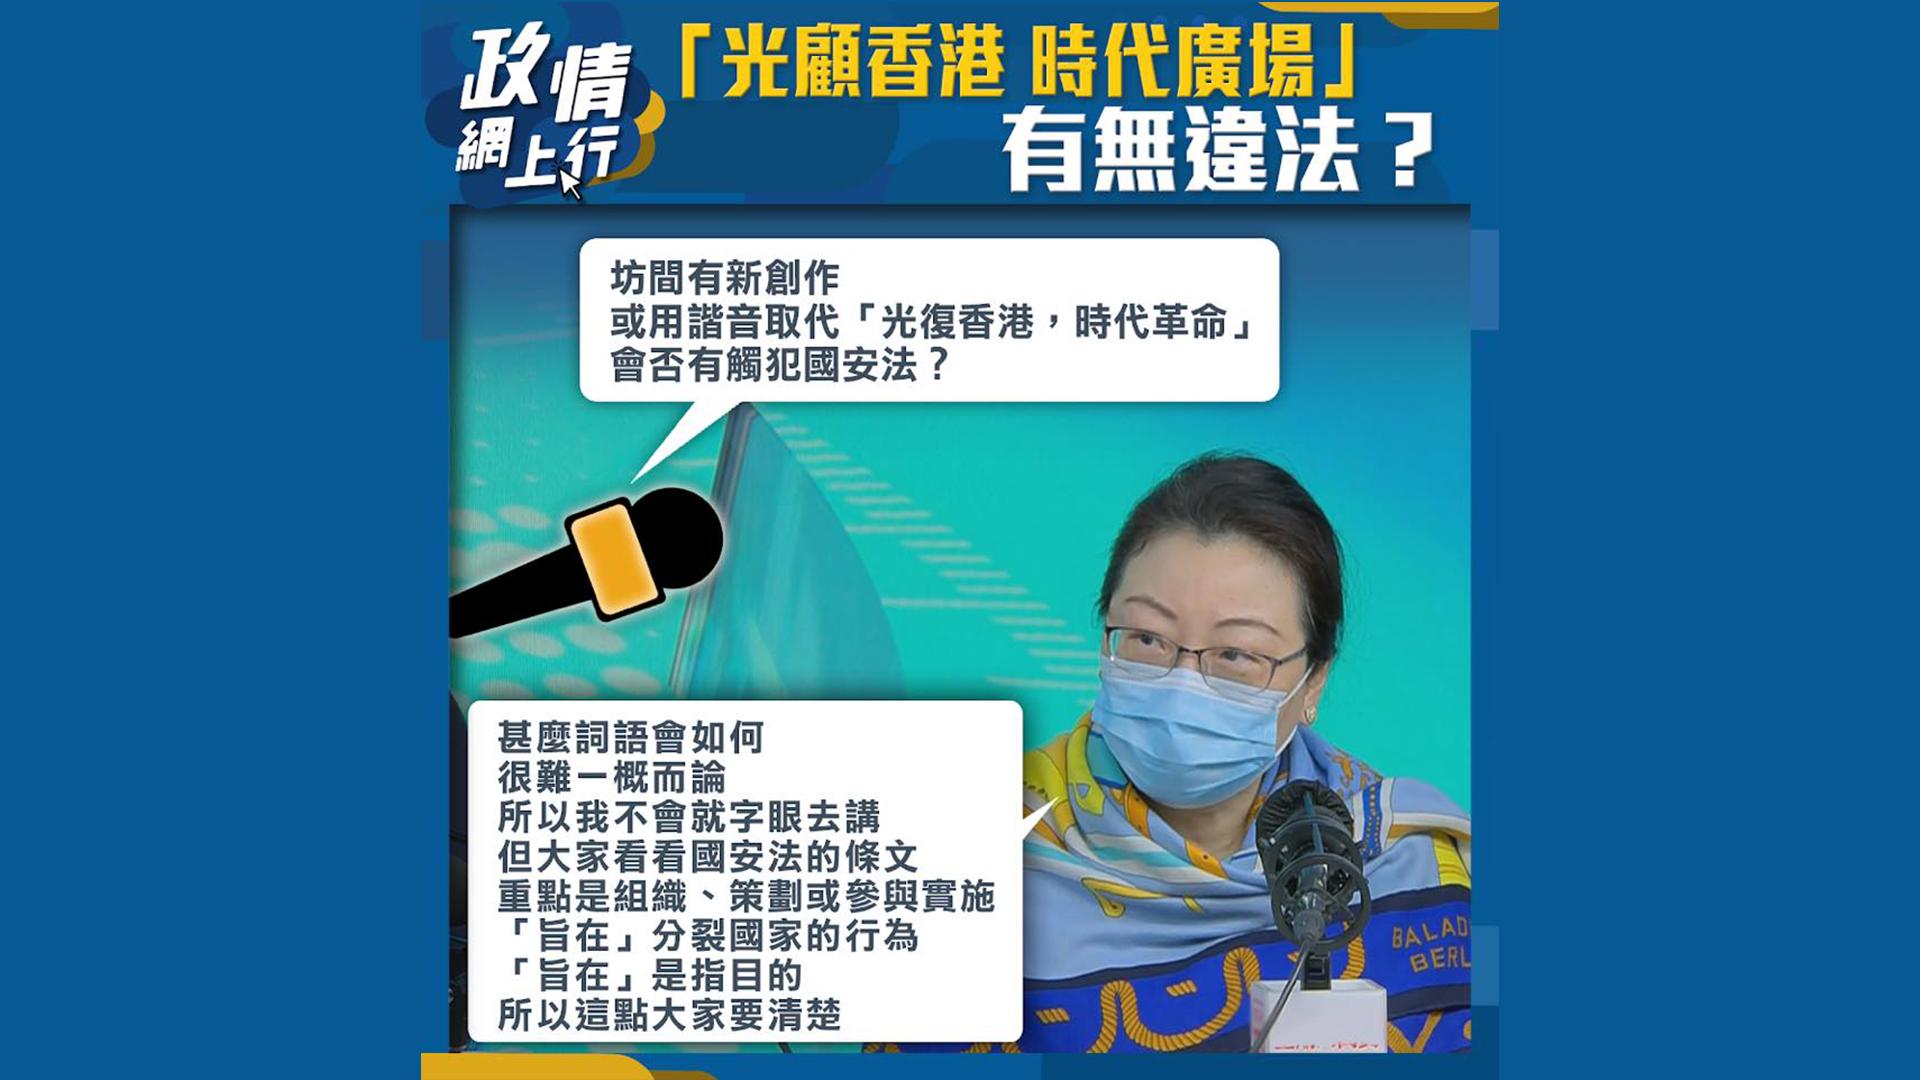 【政情網上行】「光顧香港 時代廣場」有無違法?